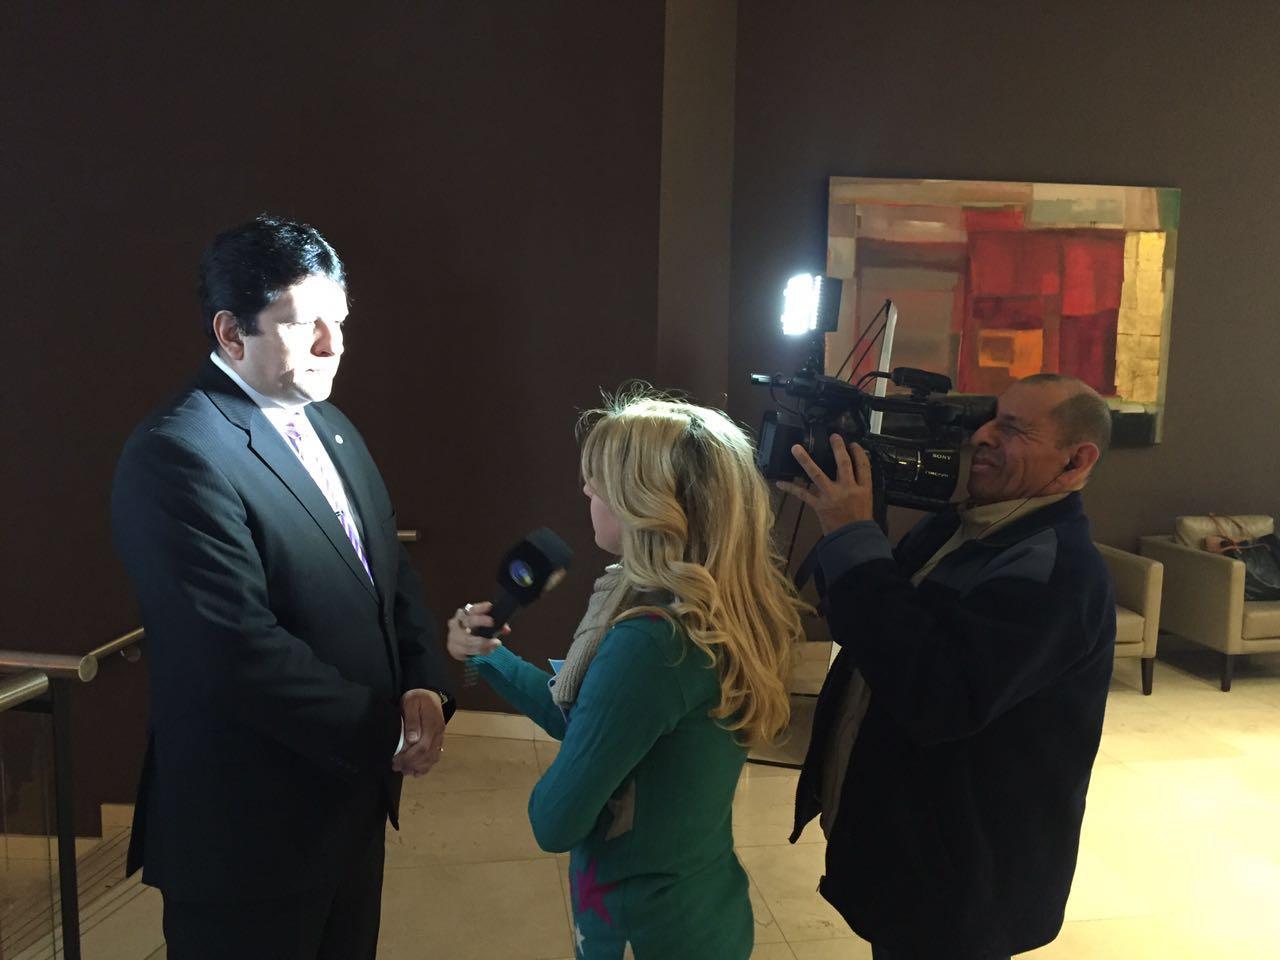 El Presidente del FOFECMA, Froilán Zarza atendiendo a los medios previo a las XVII Jornadas Nacionales https://t.co/kVixNsjDeA